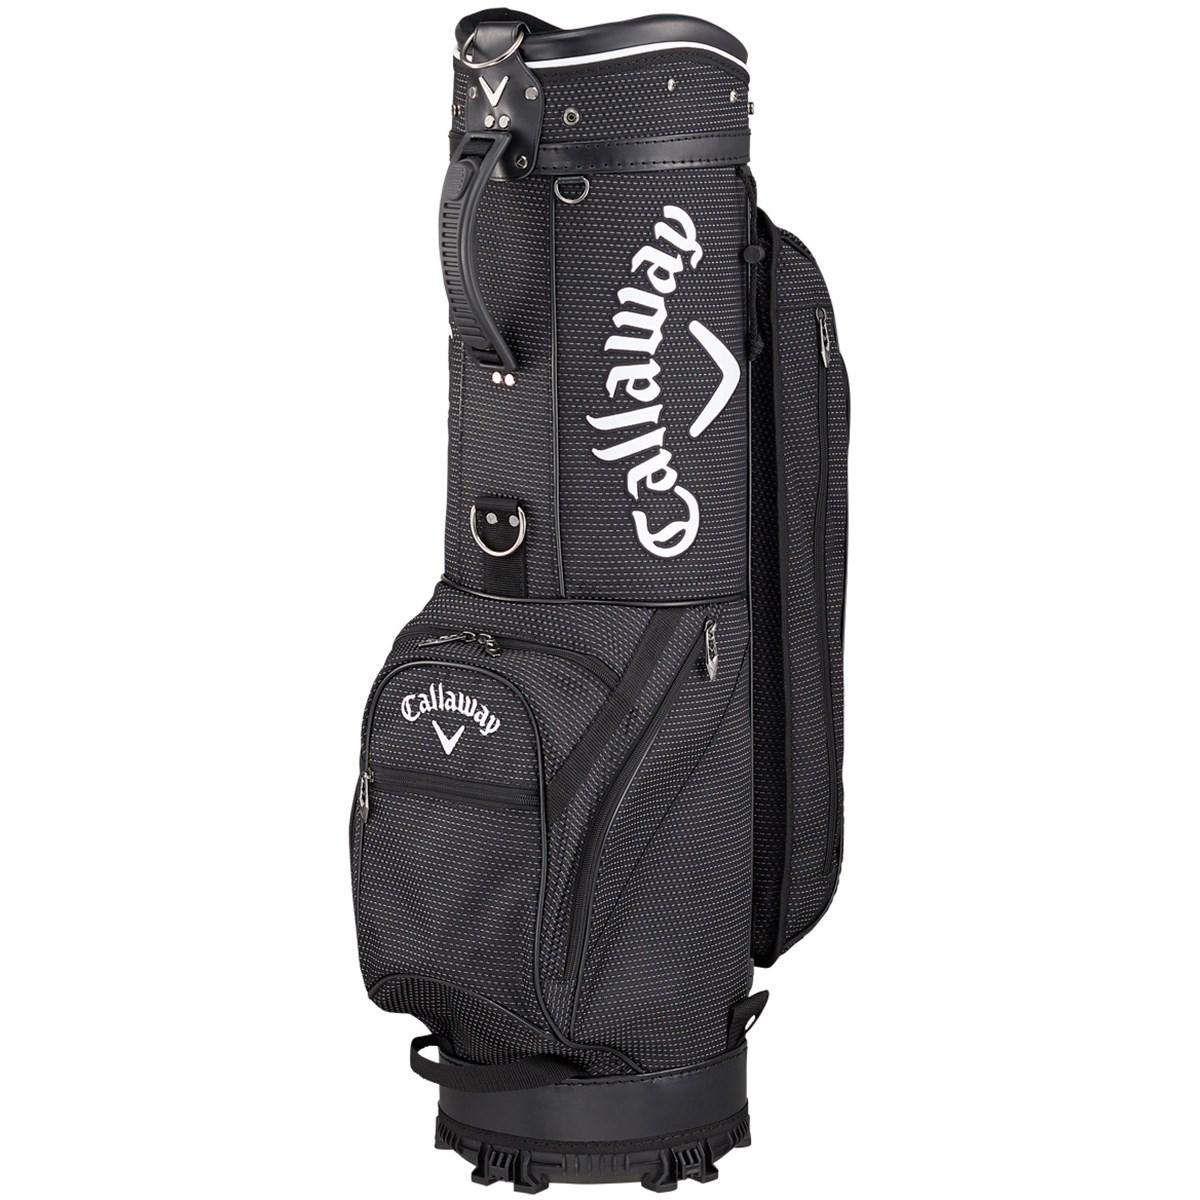 キャロウェイゴルフ(Callaway Golf) BG DEPORTE-II キャディバッグ